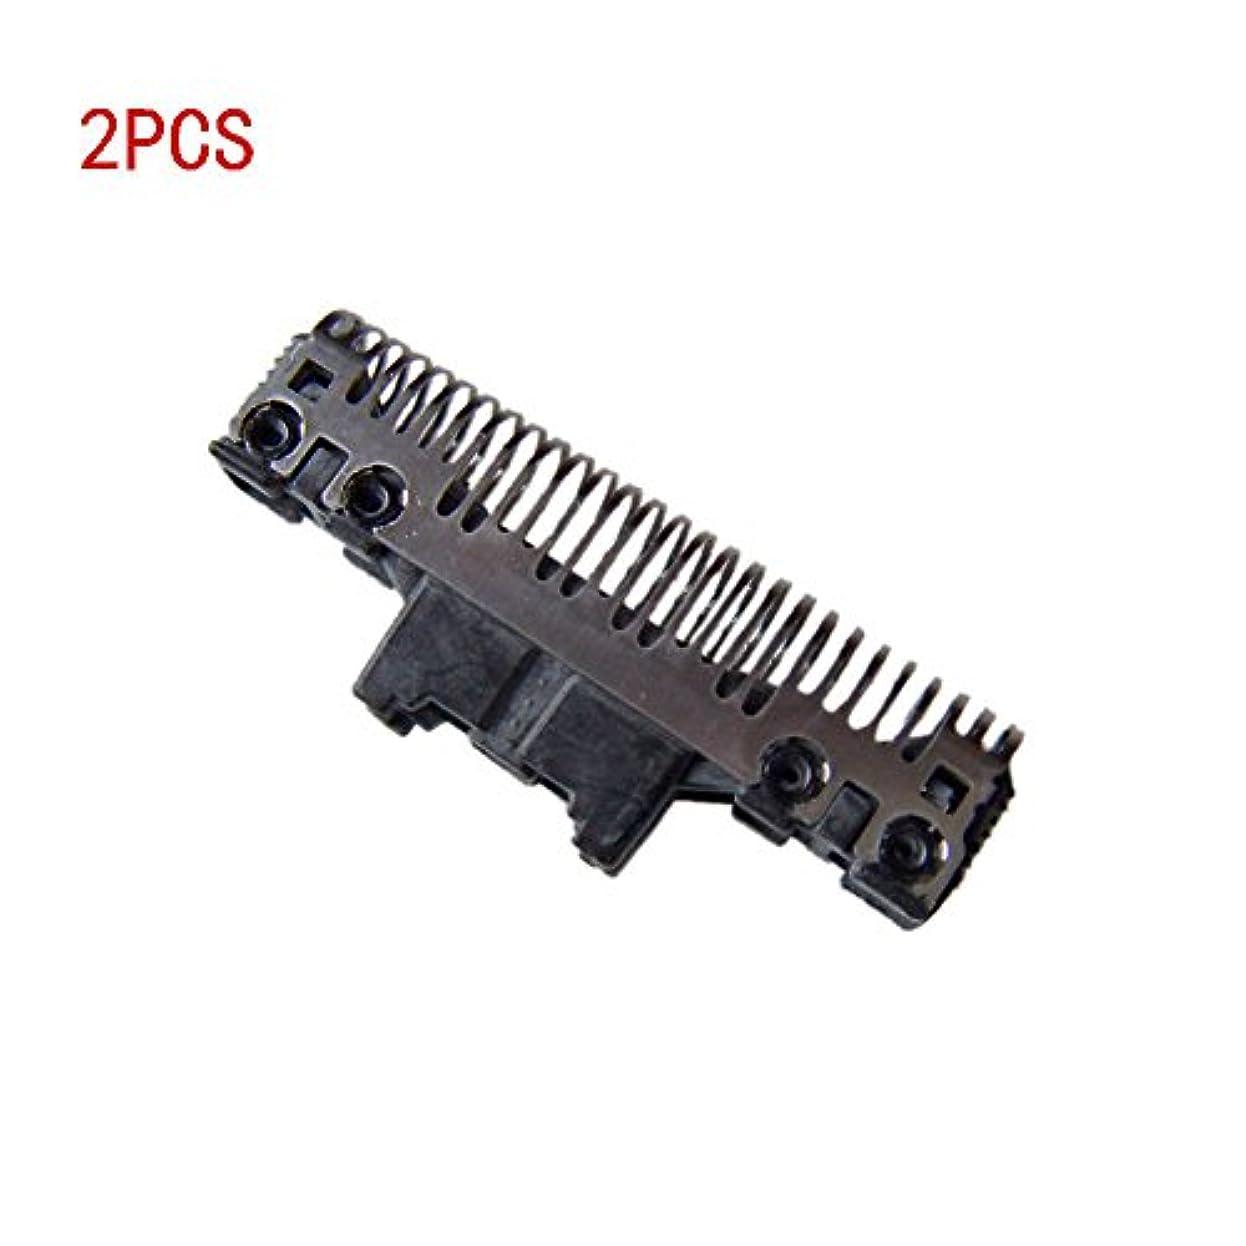 レガシー水時代遅れDeylaying シェーバー替刃 往復式シェーバー パーツ 内刃 耐用 高質量 for Panasonic ES9072/7021/7022/7023/7026/7027/7006/7007